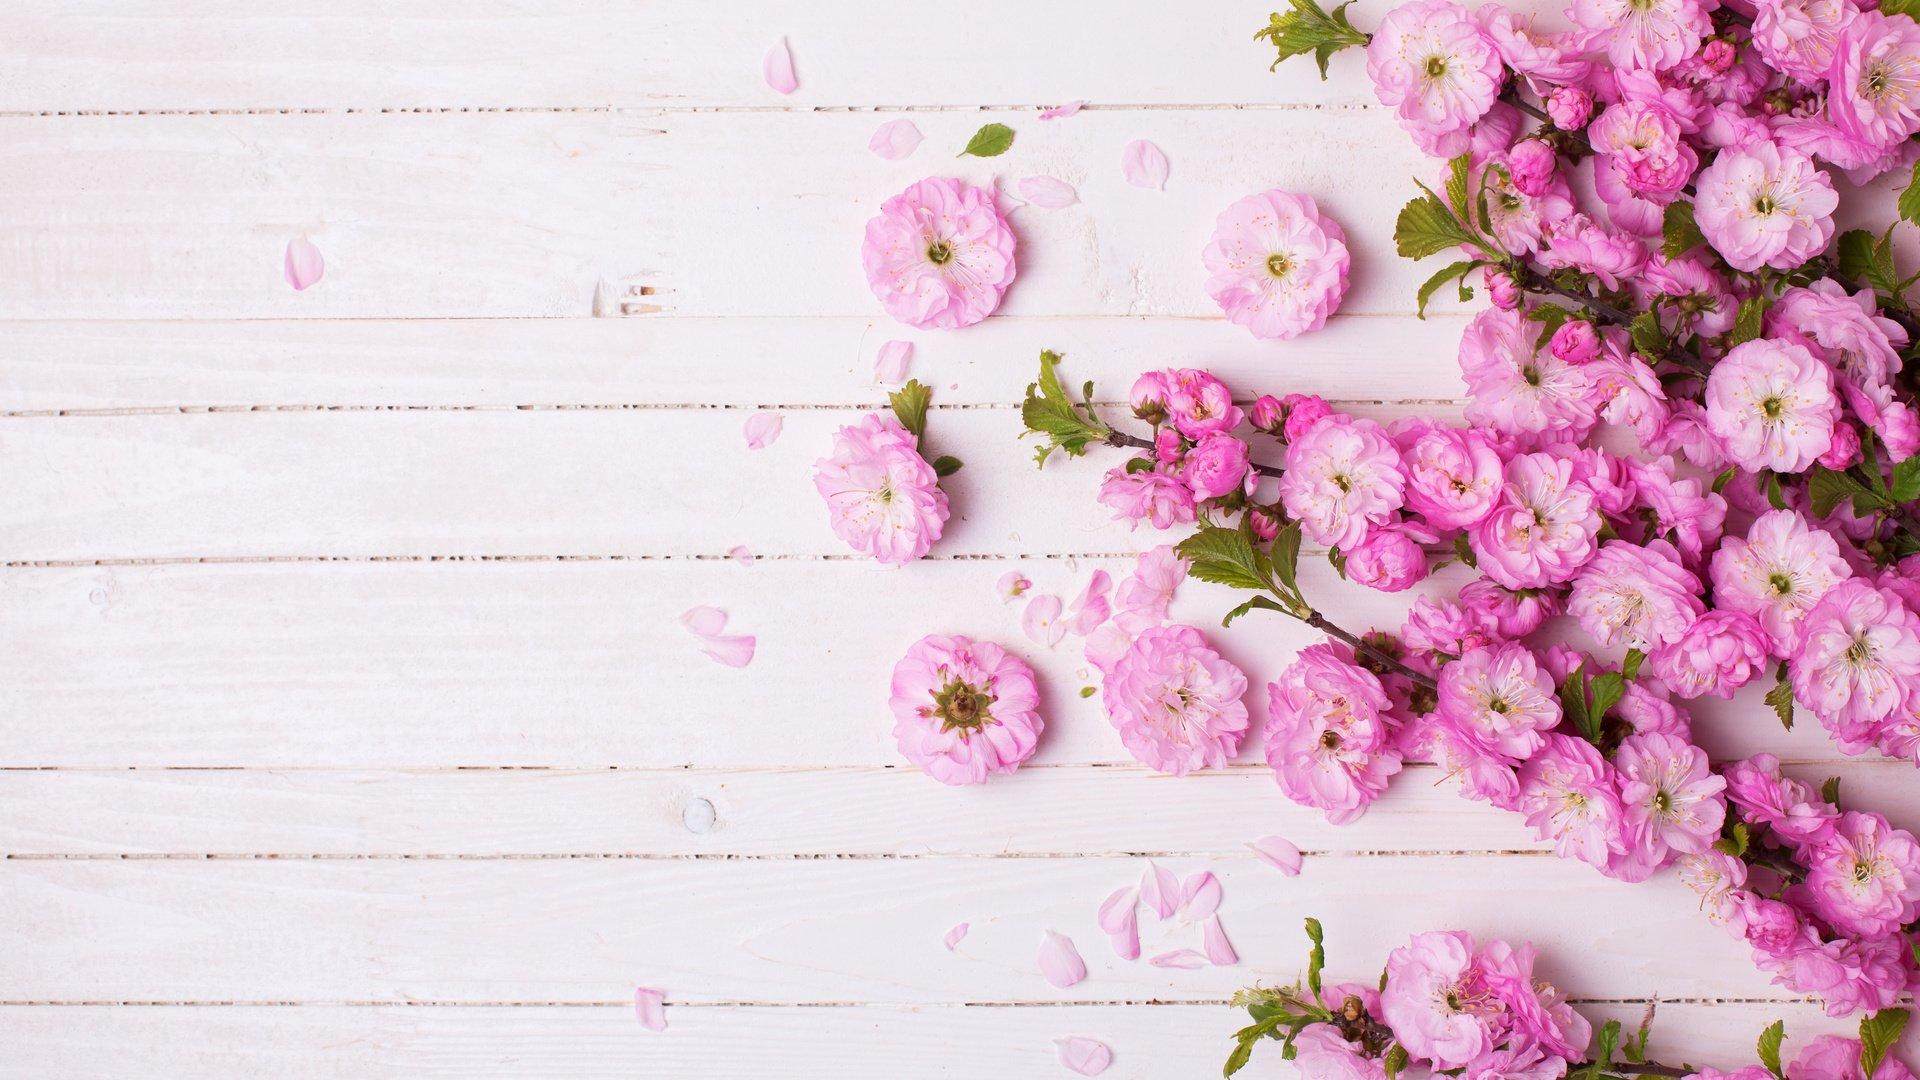 каждому красивый фон с цветочками картинка разбирались